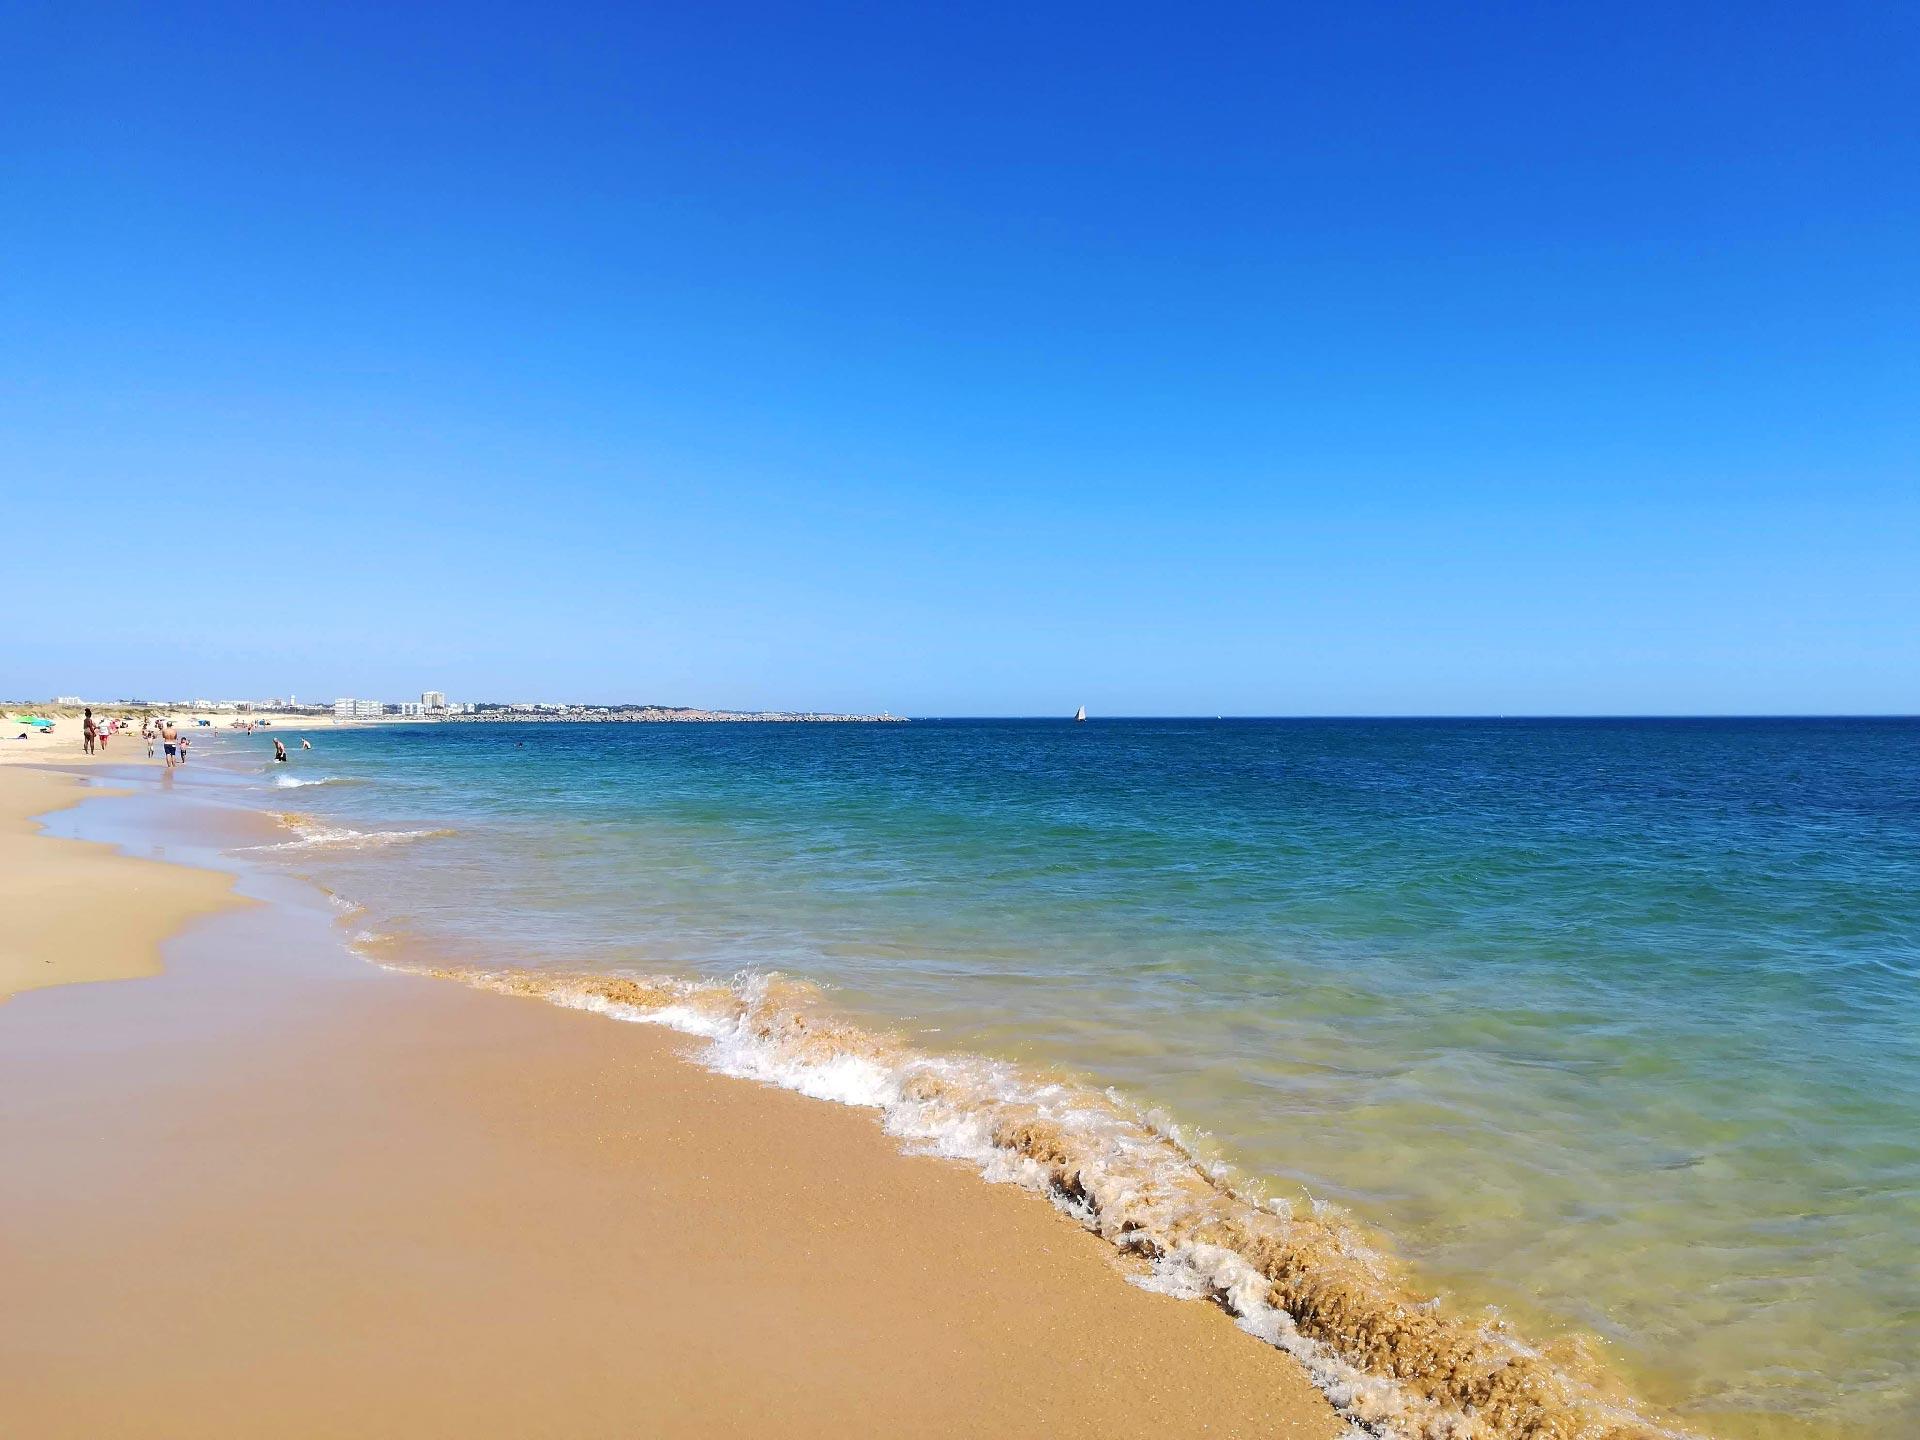 Scorcio di Praia do Vale da Lama (spiaggia) Portimao, Portogallo